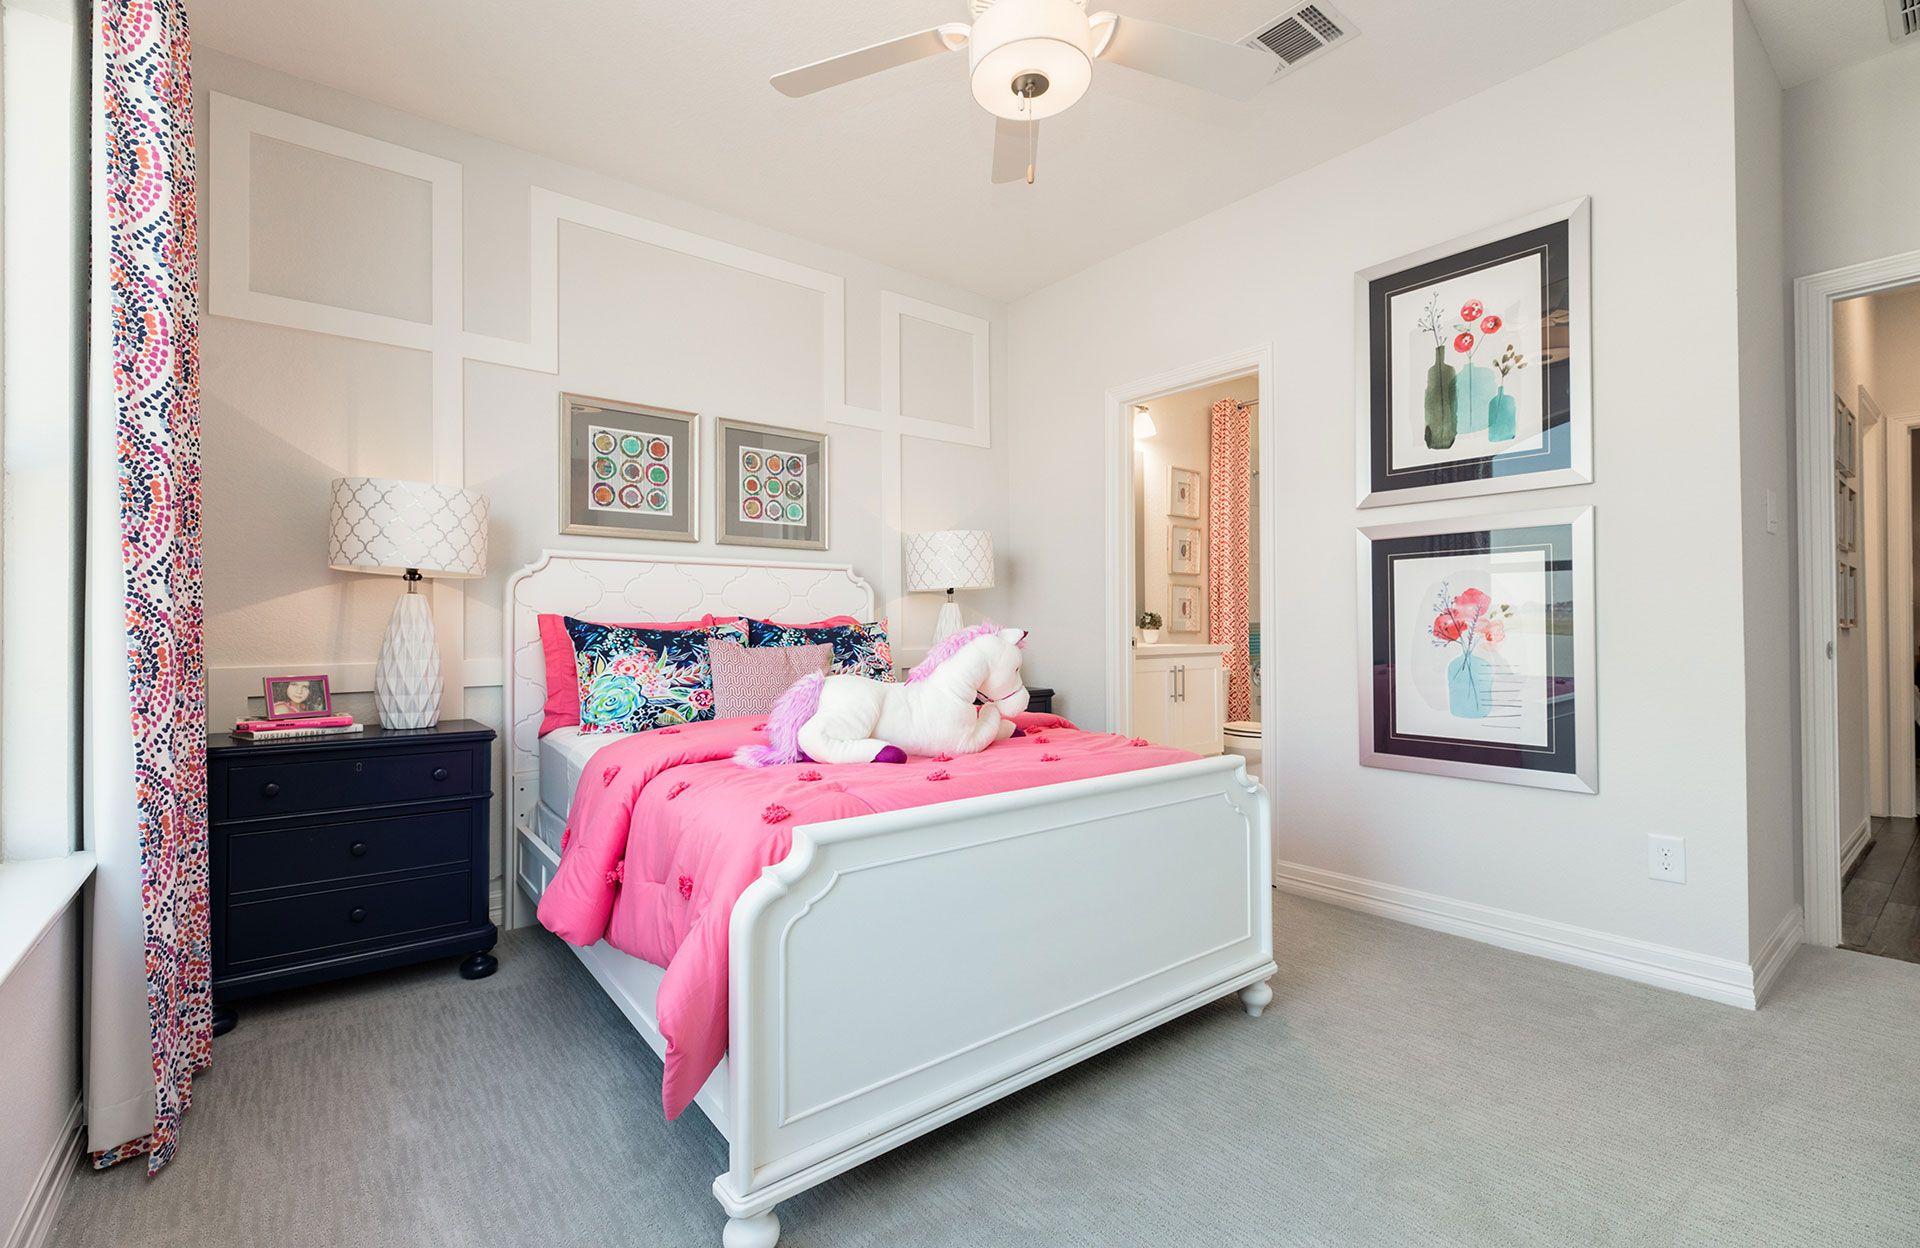 Bedroom-in-Sorenna-at-Houston Offsite-in-Houston